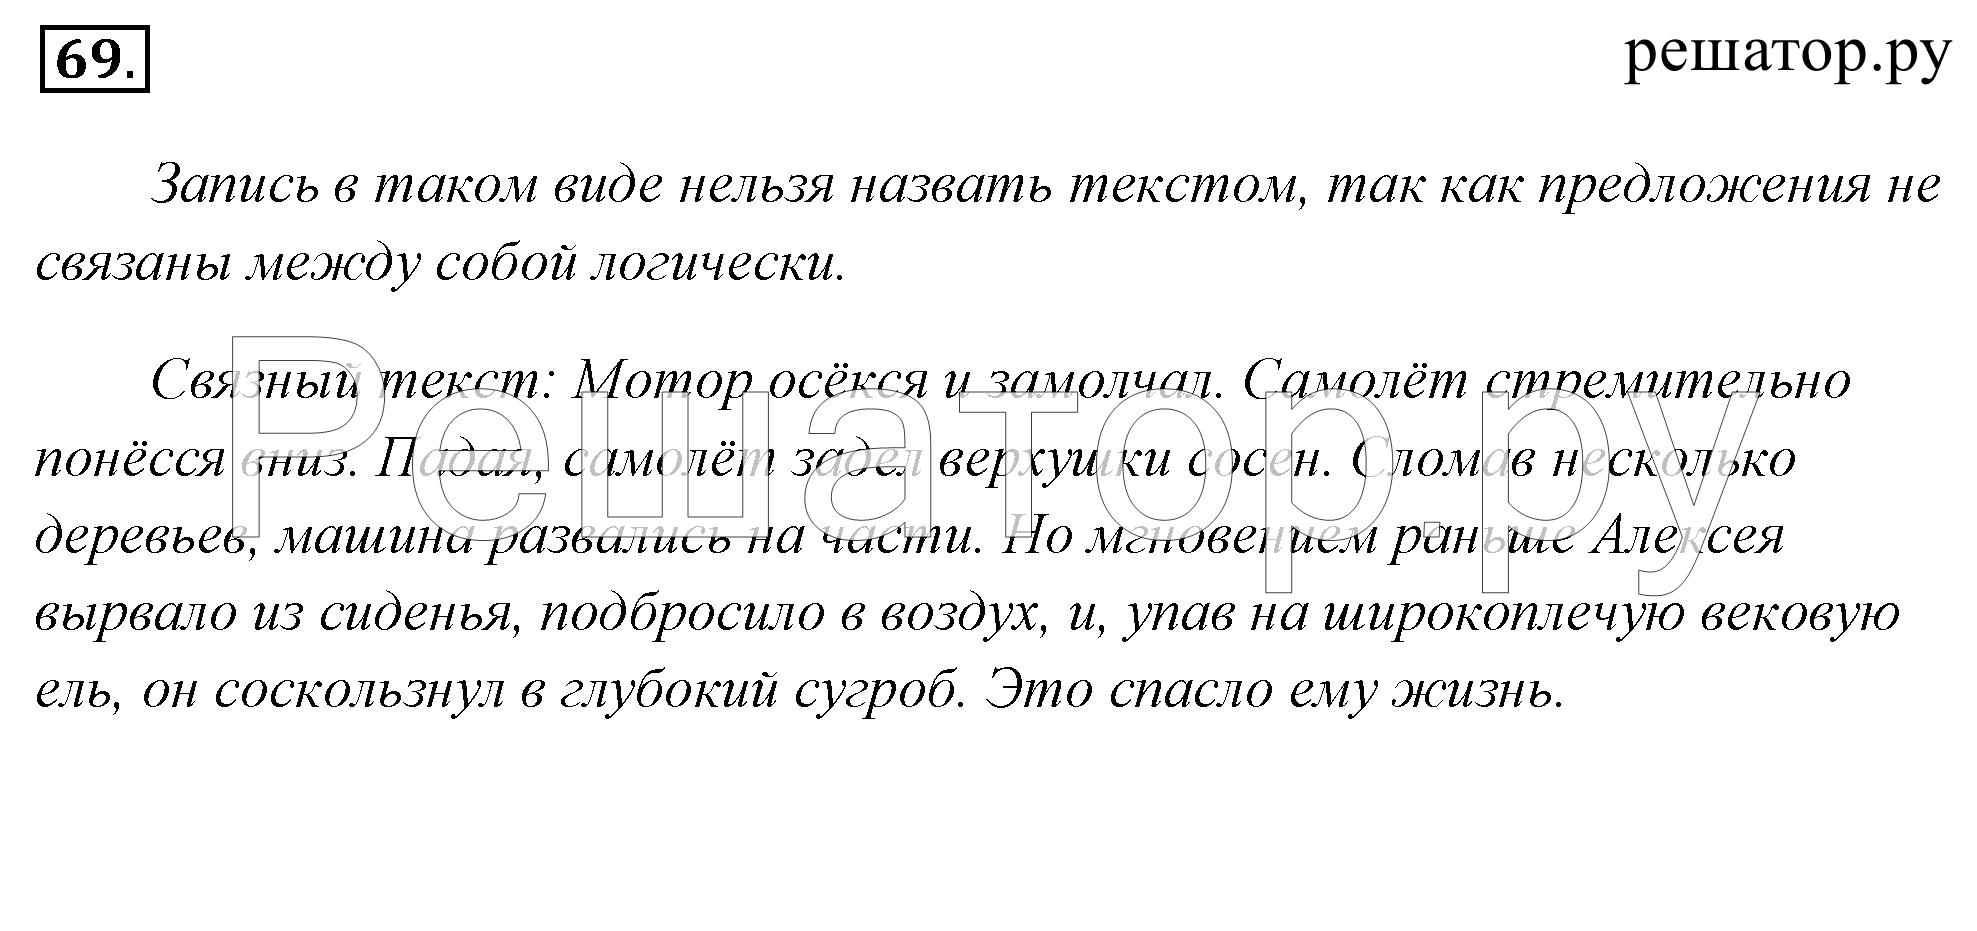 Гдз по русскому языку 5 класс ладыженская баранов 2018 часть